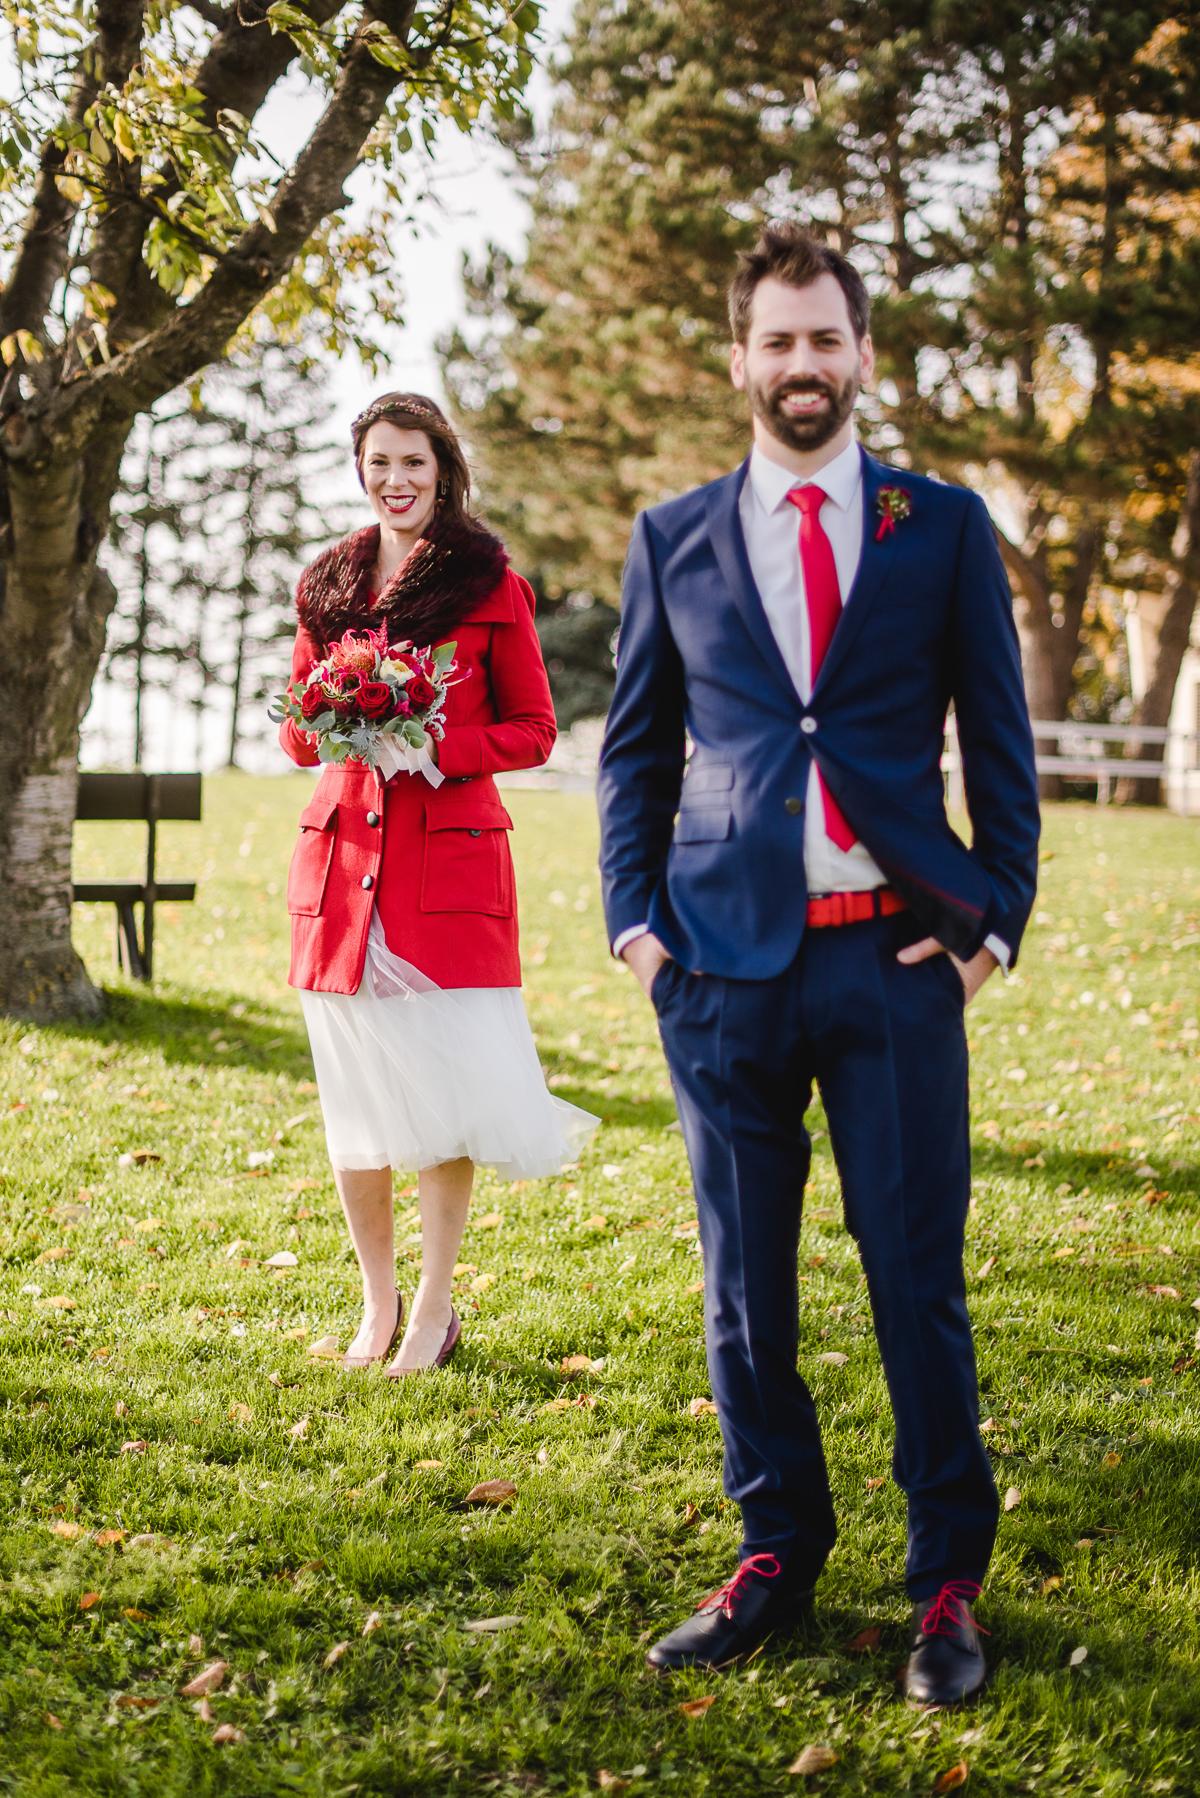 Herbsthochzeit Brautkleid, Herbsthochzeit rot, Brautkleid Mantel rot Herbst